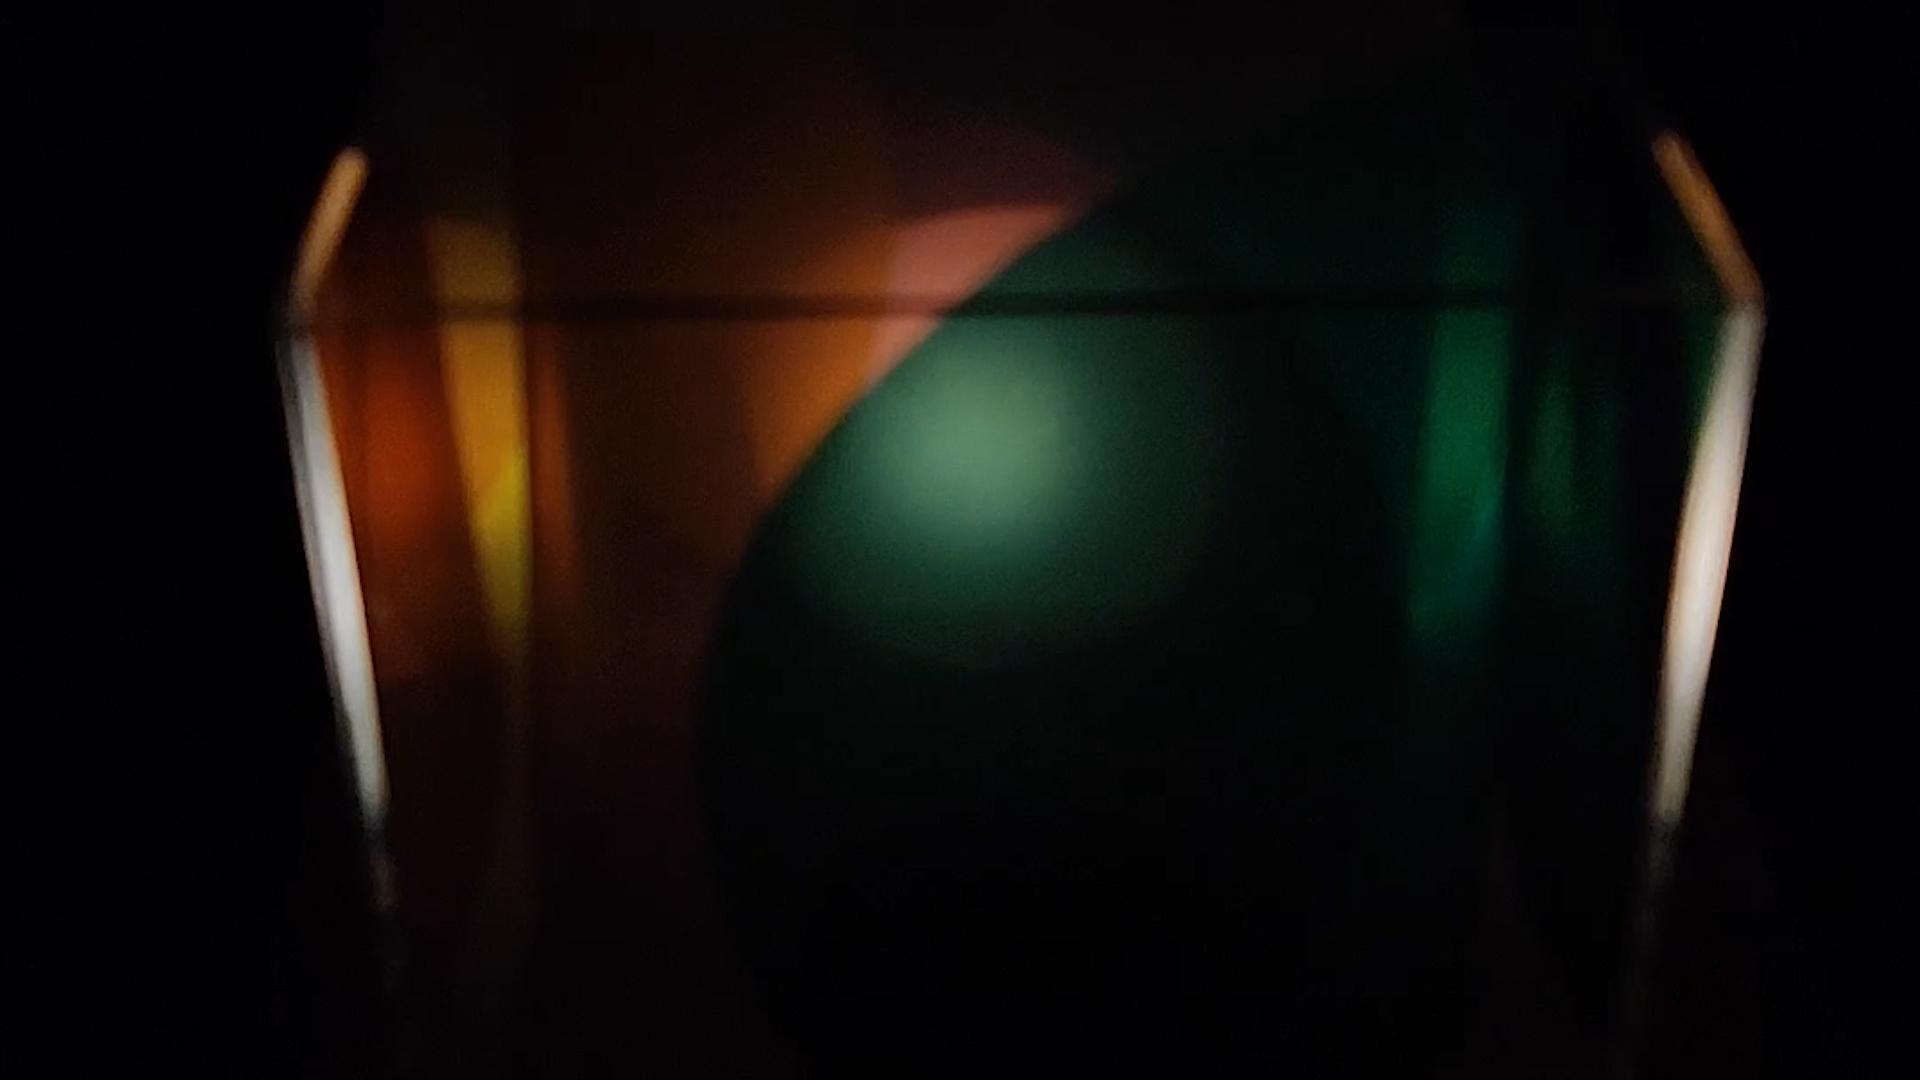 The Phantom Luminescence